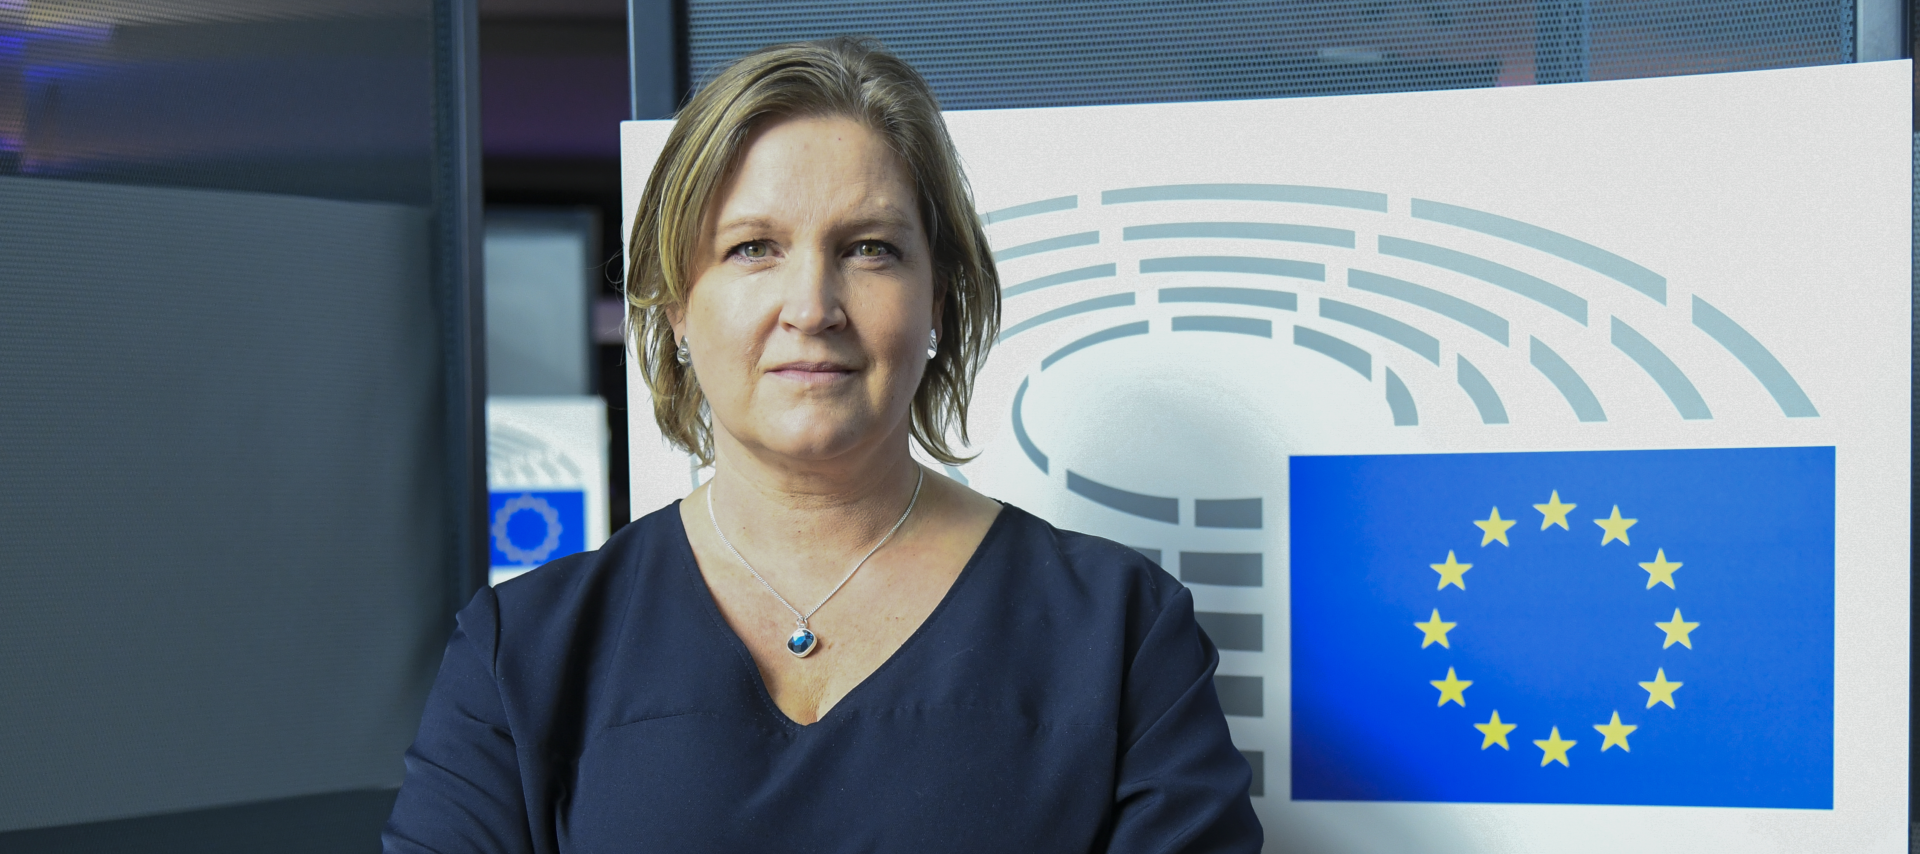 Karin Karlsbro (L) välkomnar att Europaparlamentet vill prissätta koldioxidutsläpp för importerade varor